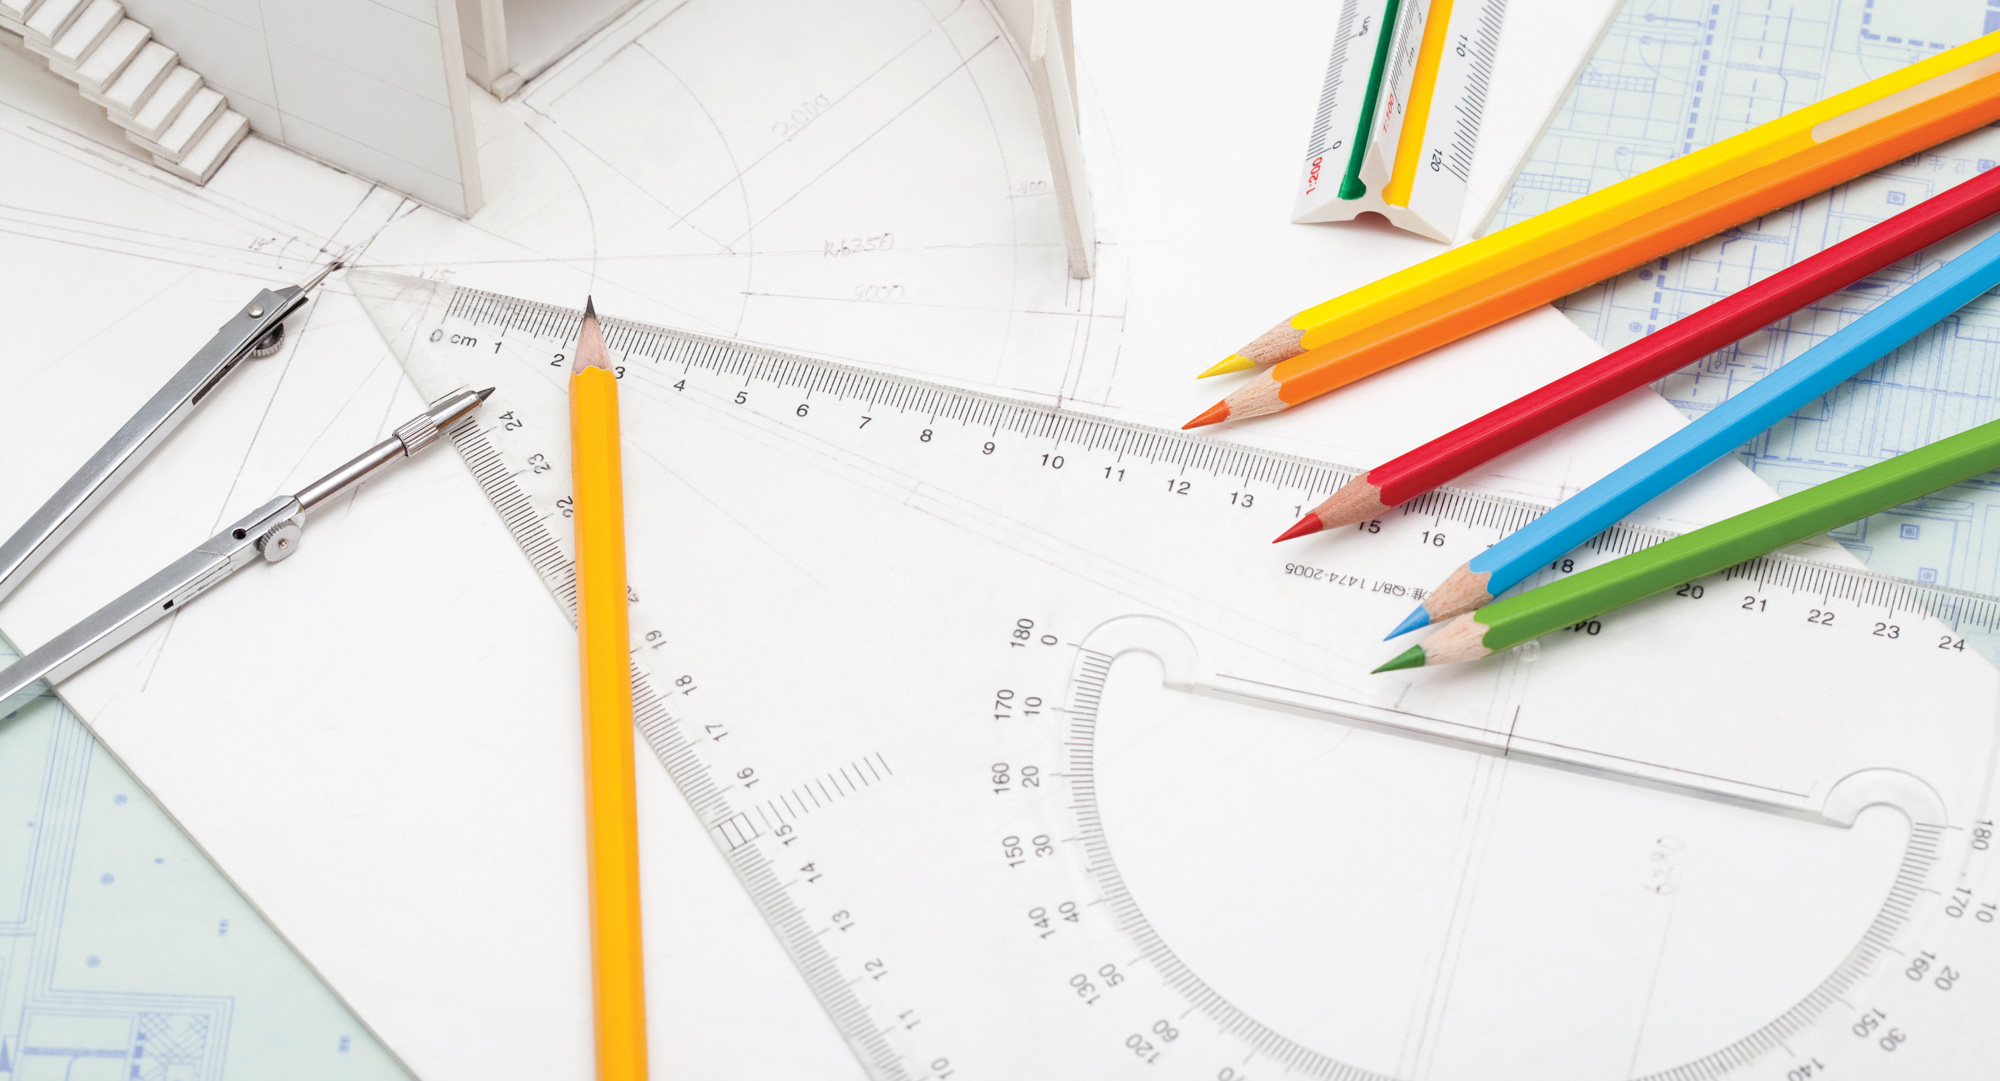 건축설계BIM[캐드(CAD), 맥스(MAX), 레빗(Revit)] 실무훈련과정